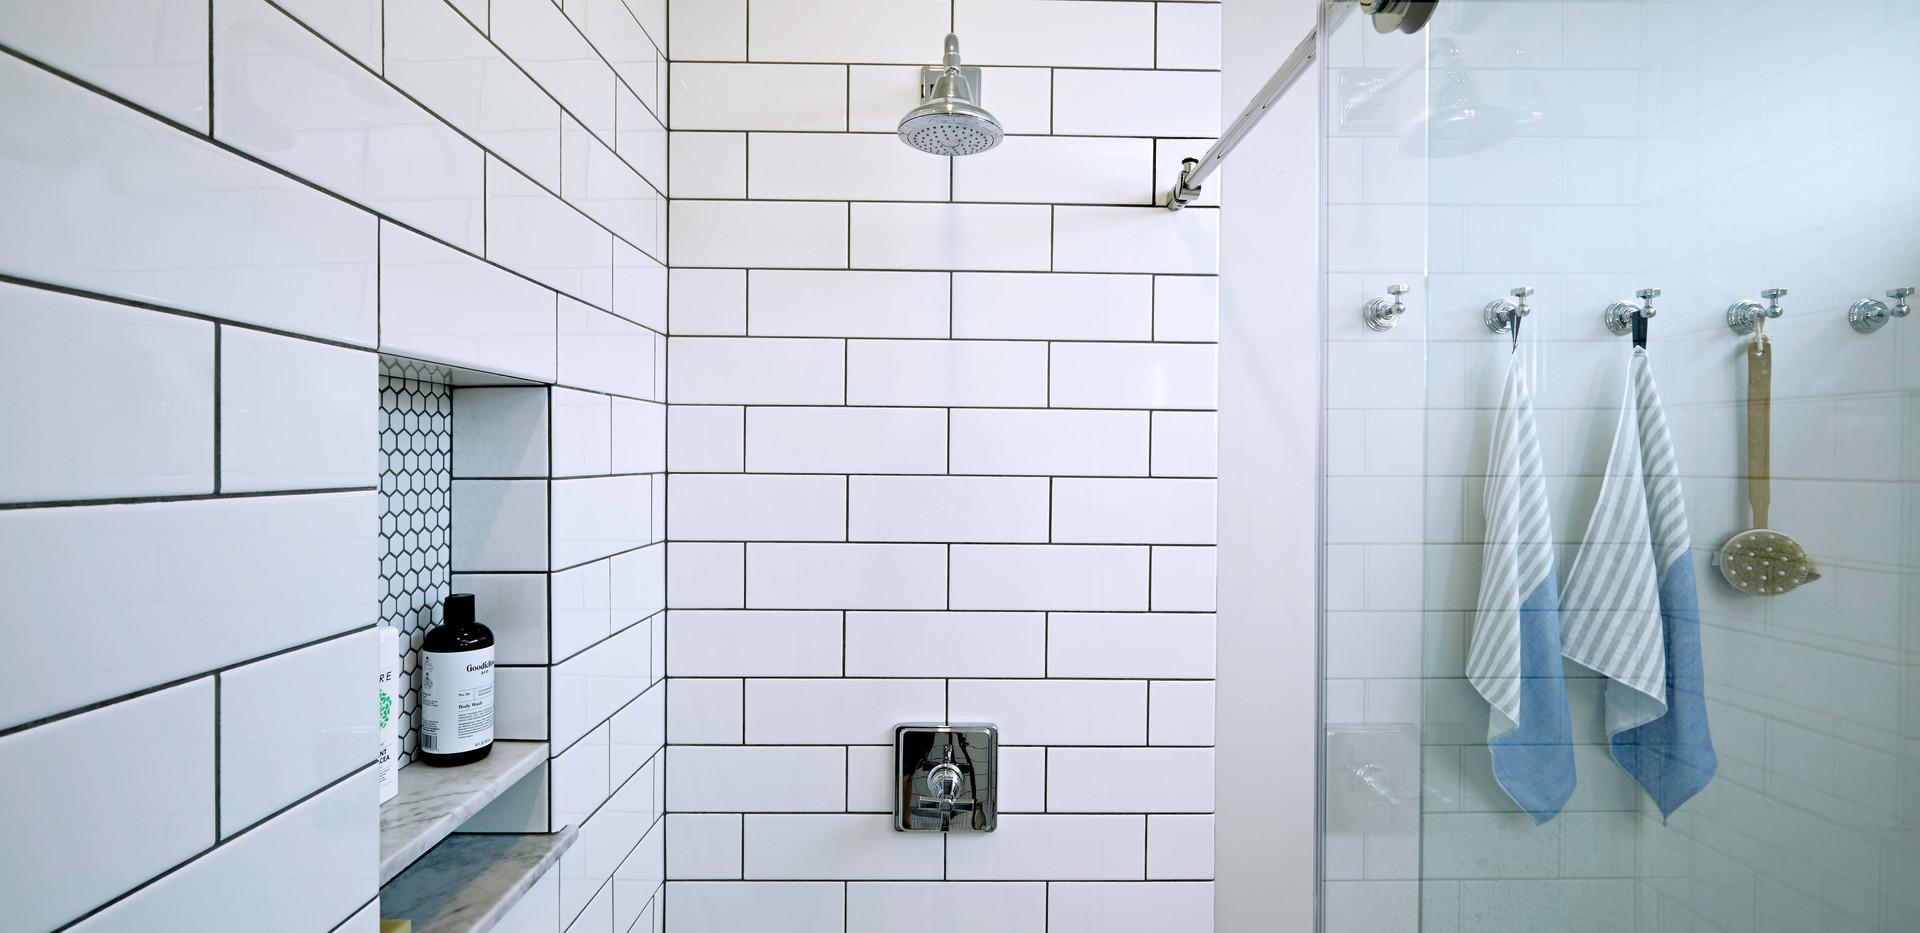 519-House_Bathroom-1.jpg